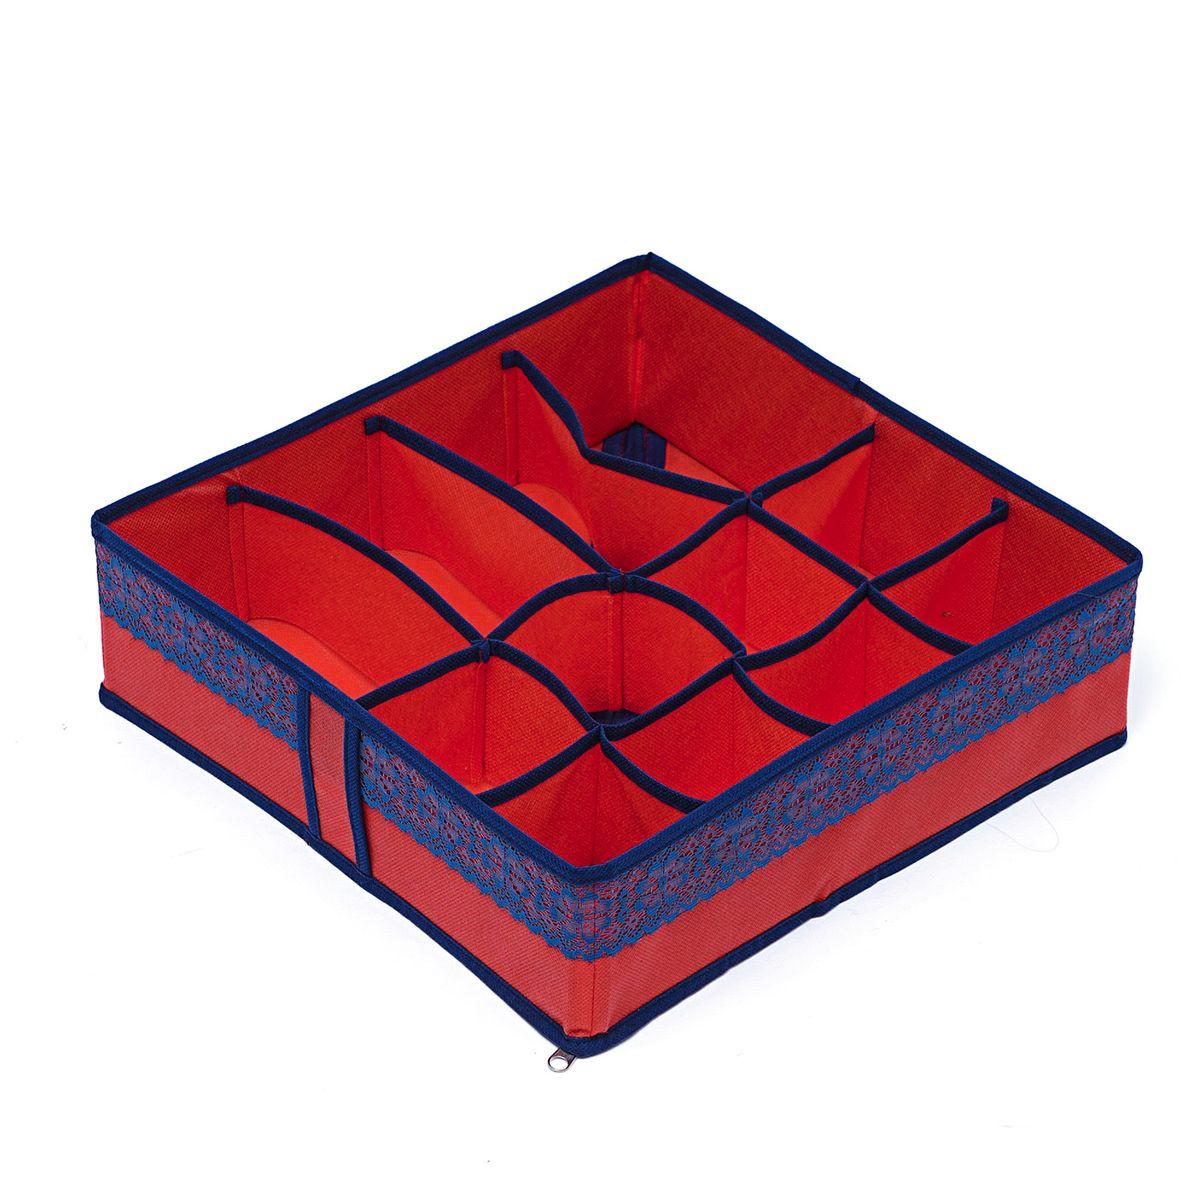 Органайзер для хранения вещей Homsu Rosso, 12 ячеек , 35 х 35 х 10 смUP210DFКомпактный органайзер Homsu Rosso изготовлен из высококачественного полиэстера, который обеспечивает естественную вентиляцию. Материал позволяет воздуху свободно проникать внутрь, но не пропускает пыль. Органайзер отлично держит форму, благодаря вставкам из плотного картона. Изделие имеет 12 квадратных секций для хранения нижнего белья, колготок, носков и другой одежды.Такой органайзер позволит вам хранить вещи компактно и удобно, а оригинальный дизайн сделает вашу гардеробную красивой и невероятно стильной.